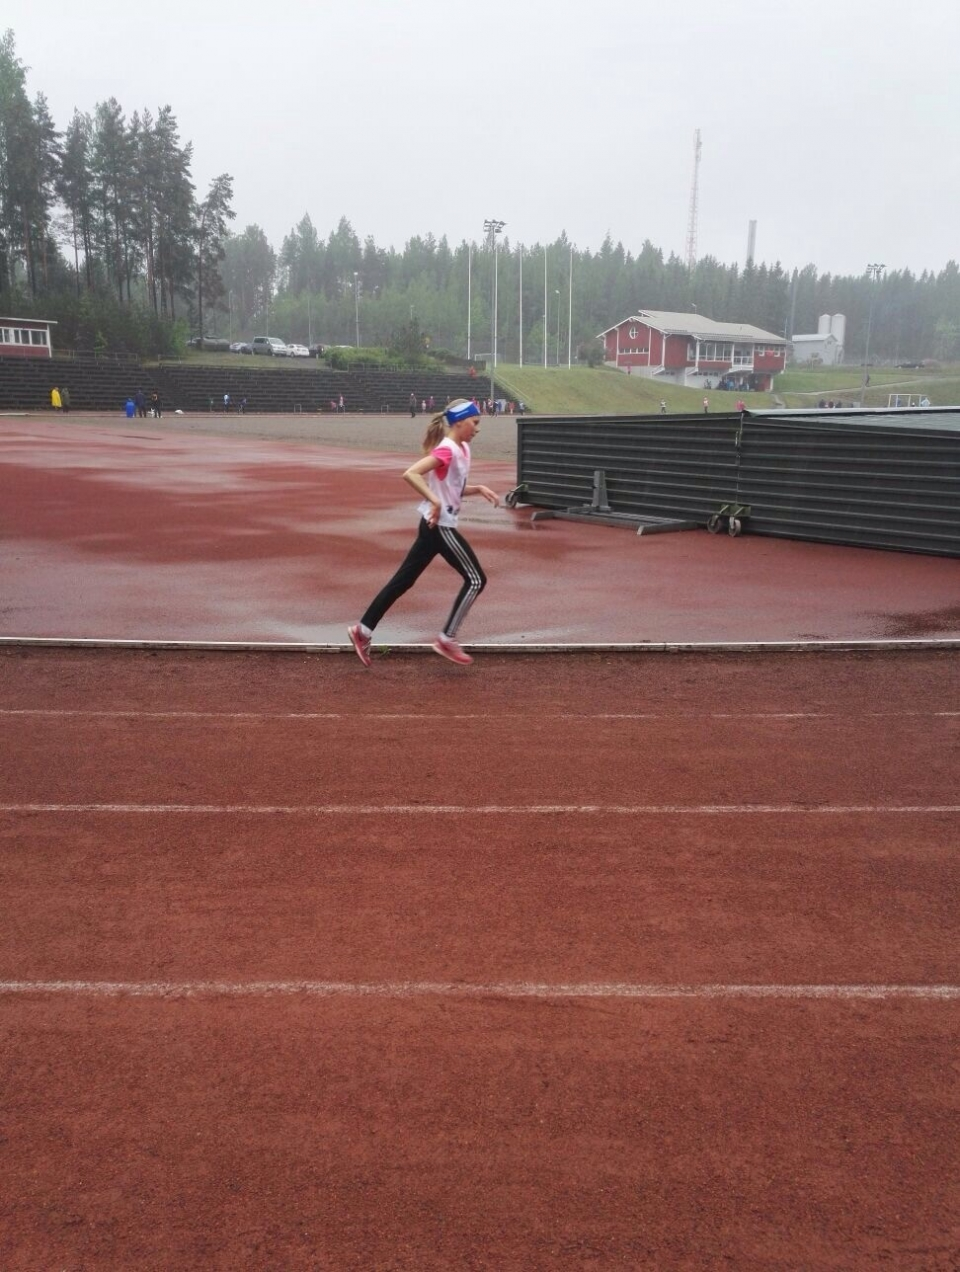 Tammelan Ryske Kunniakierros 2017